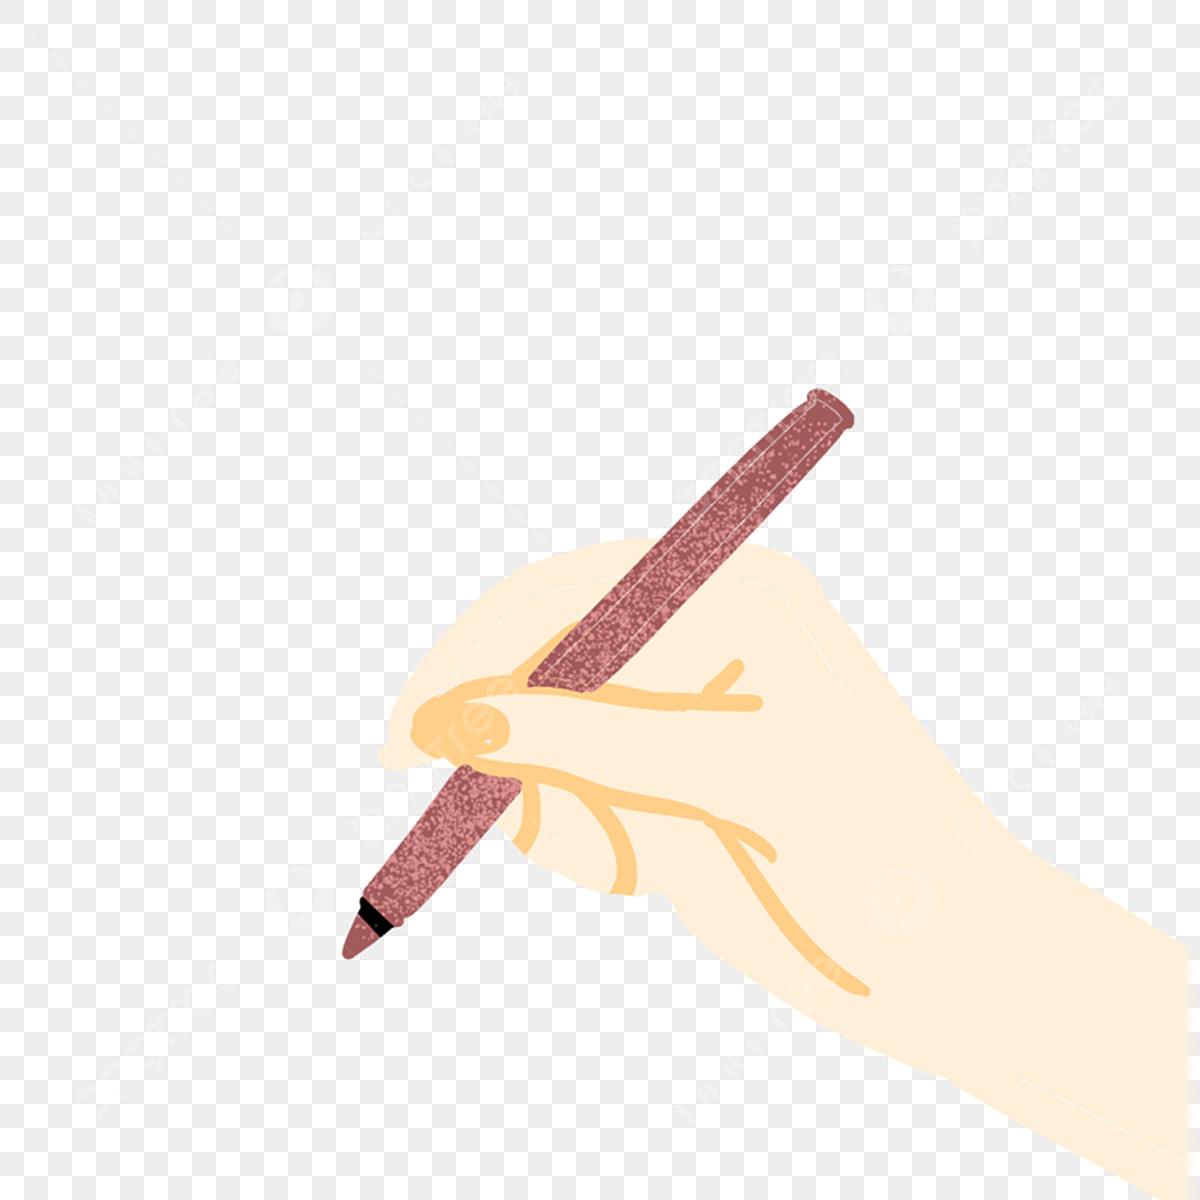 الكرتون القلم خريطة مجانية زر اليد الحرة الكرتون زر اليد الحرة كرتون قلم خريطة مجانية زر اليد الحرة Png وملف Psd للتحميل مجانا